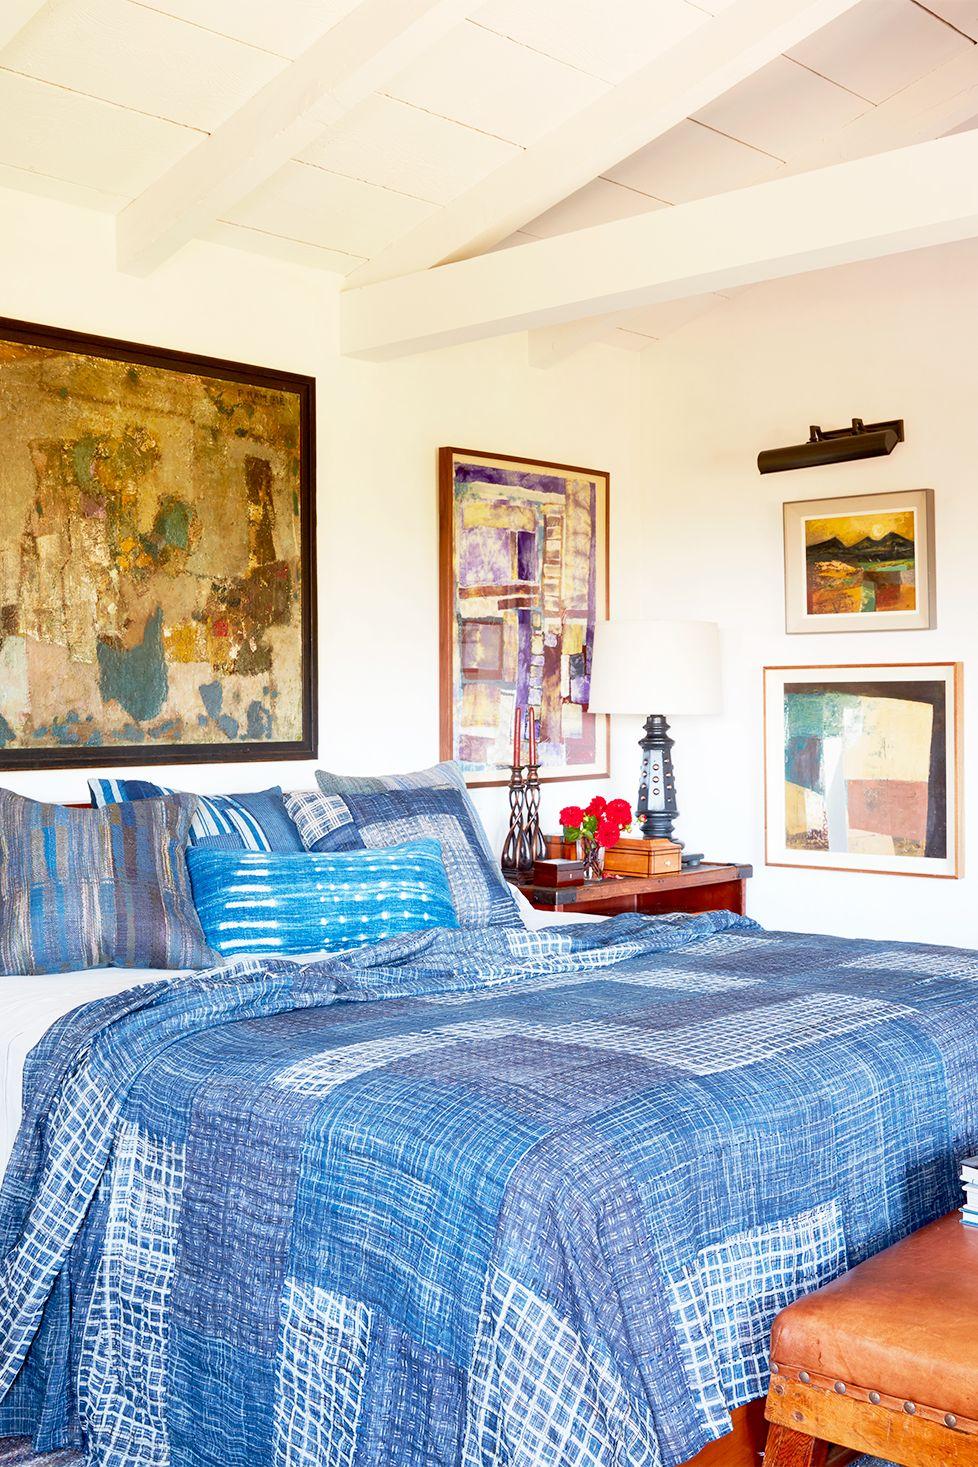 Phòng ngủ này mang lại cảm giác dễ gần và hơi phóng túng, trong khi vẫn trông bóng bẩy và. Điều này là nhờ vào bản chất thoải mái của bộ đồ giường màu xanh lam nhuộm chàm chắp vá và các điểm nhấn bằng da tương phản với tác phẩm nghệ thuật được đóng khung và đèn chiếu sáng được đánh bóng.